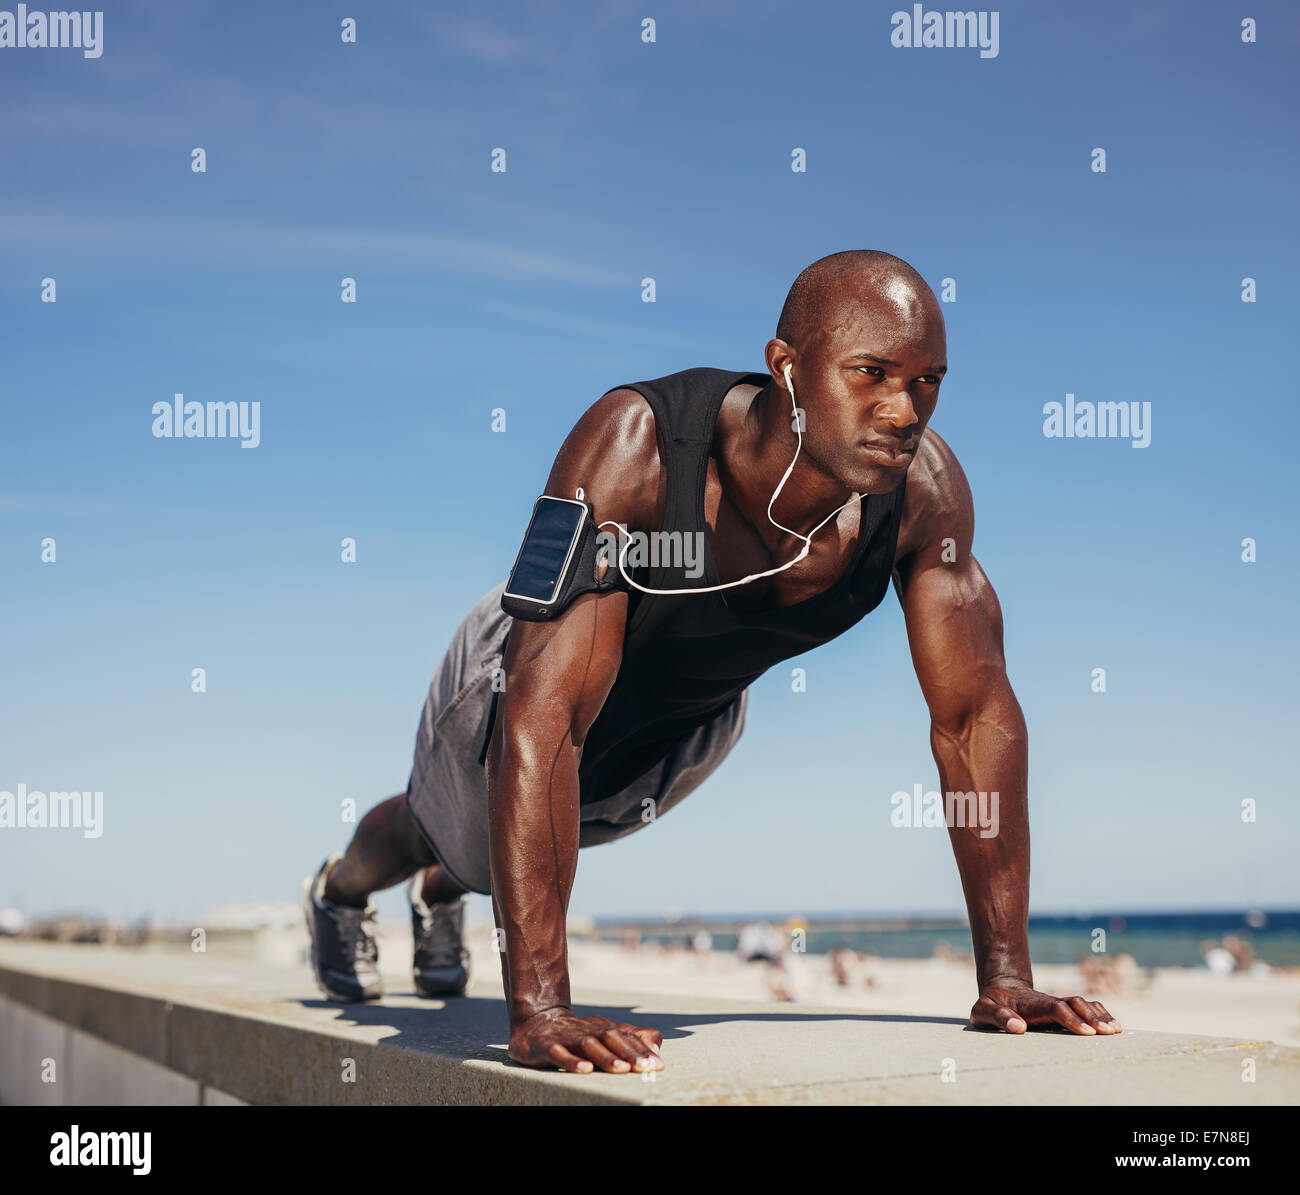 Hombre haciendo flexiones musculares contra el cielo azul. Atleta Masculino fuerte trabajando al aire libre. Imagen De Stock